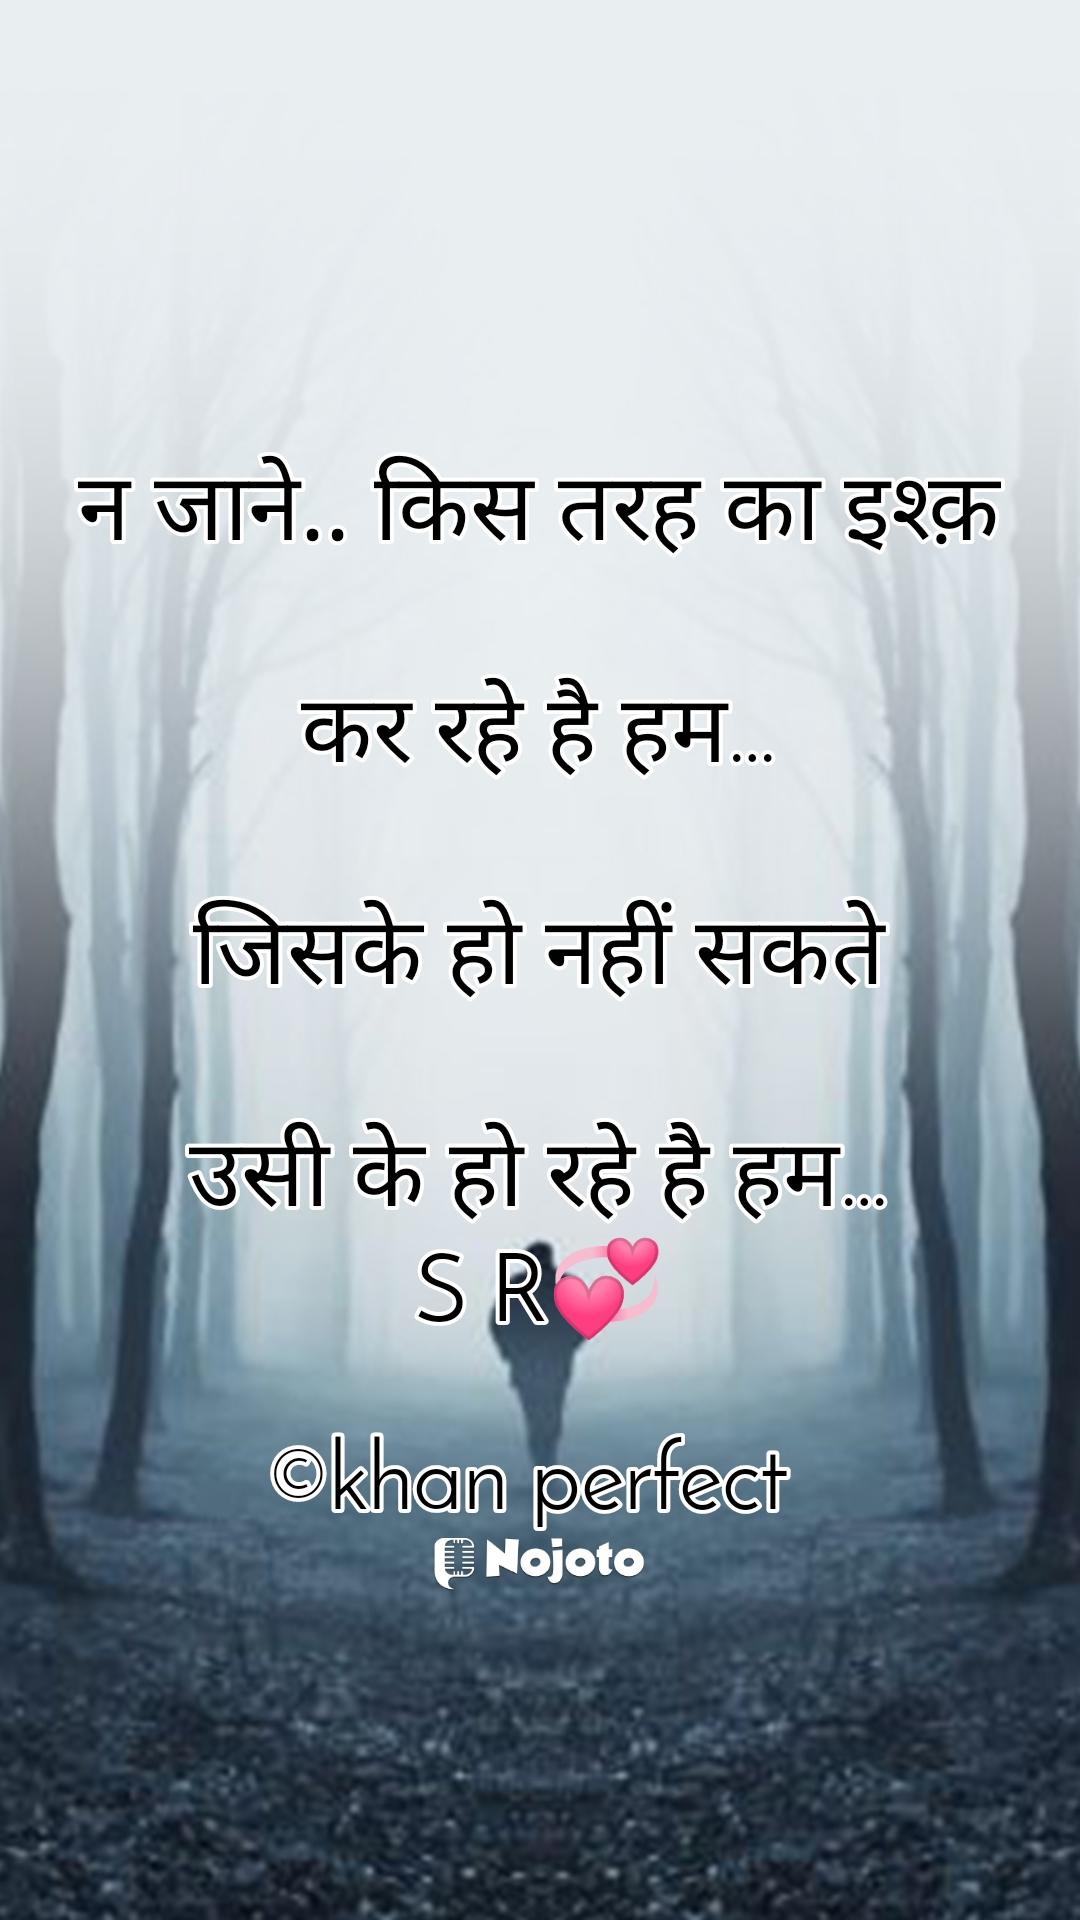 नजाने..किसतरहकाइश्क़  कररहेहैहम…  जिसकेहोनहींसकते  उसीकेहोरहेहैहम… S R💞  ©khan perfect